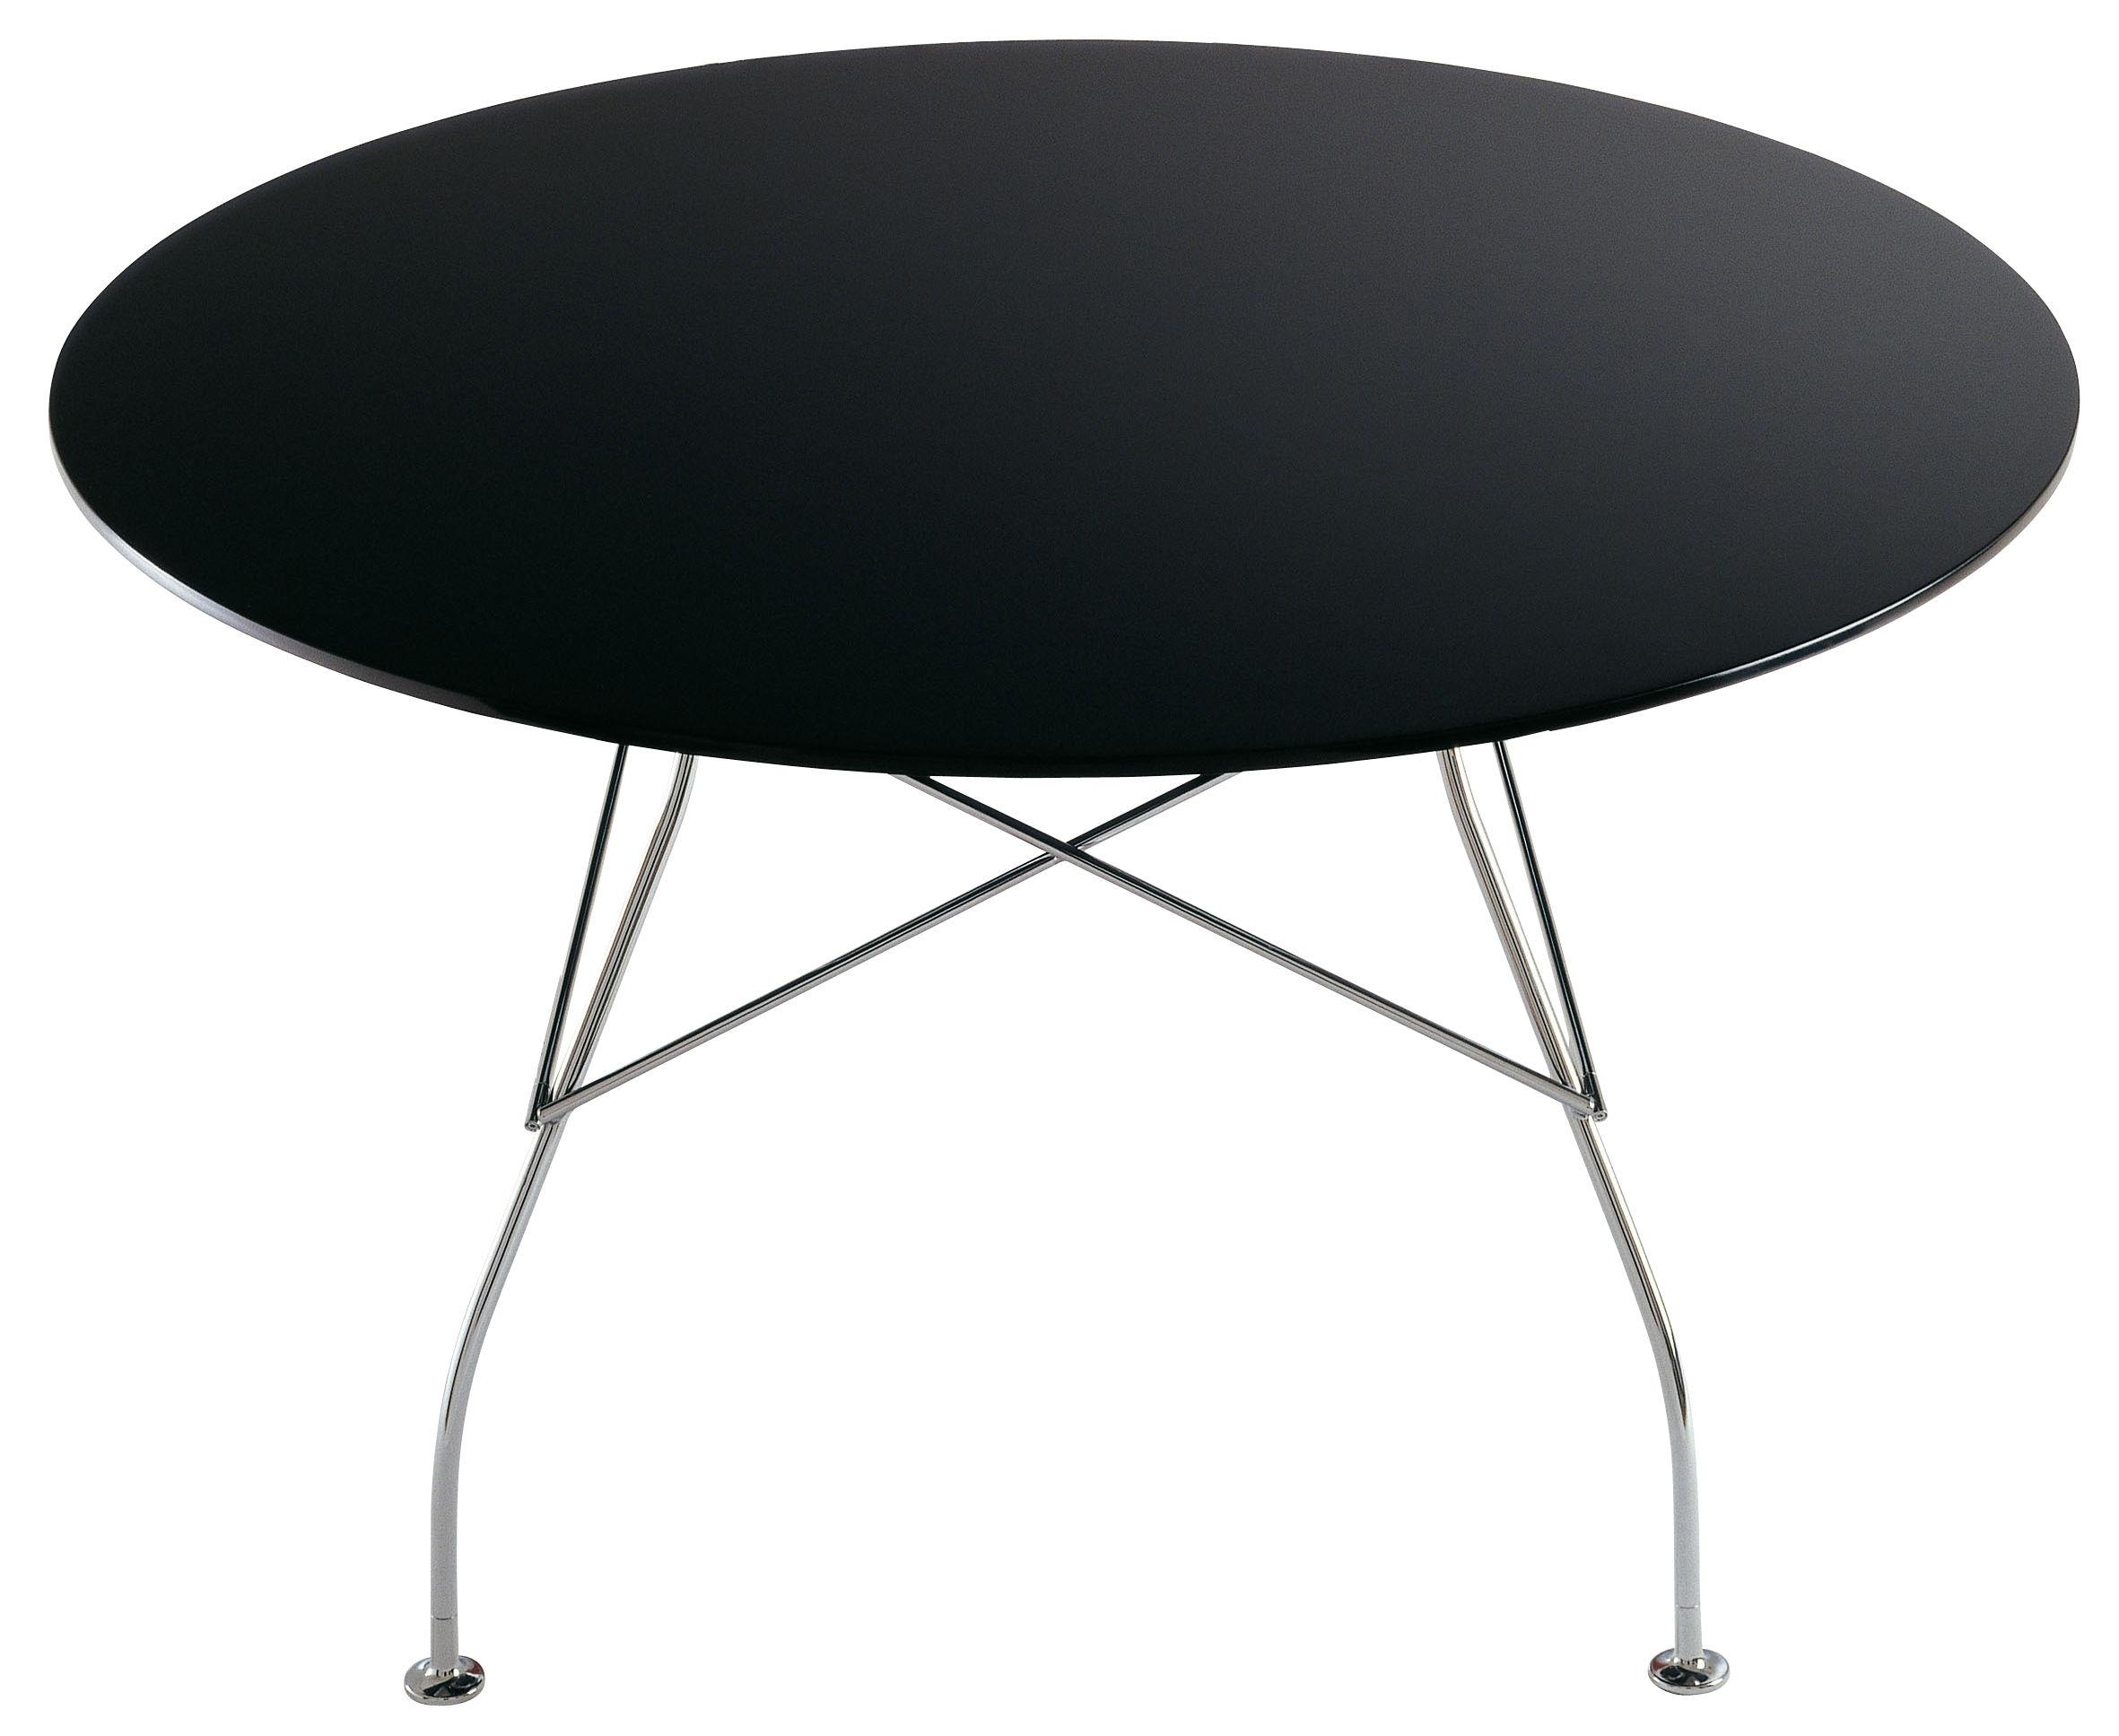 Arredamento - Tavoli - Tavolo rotondo Glossy di Kartell - Nero - Acciaio cromato, MDF laccato